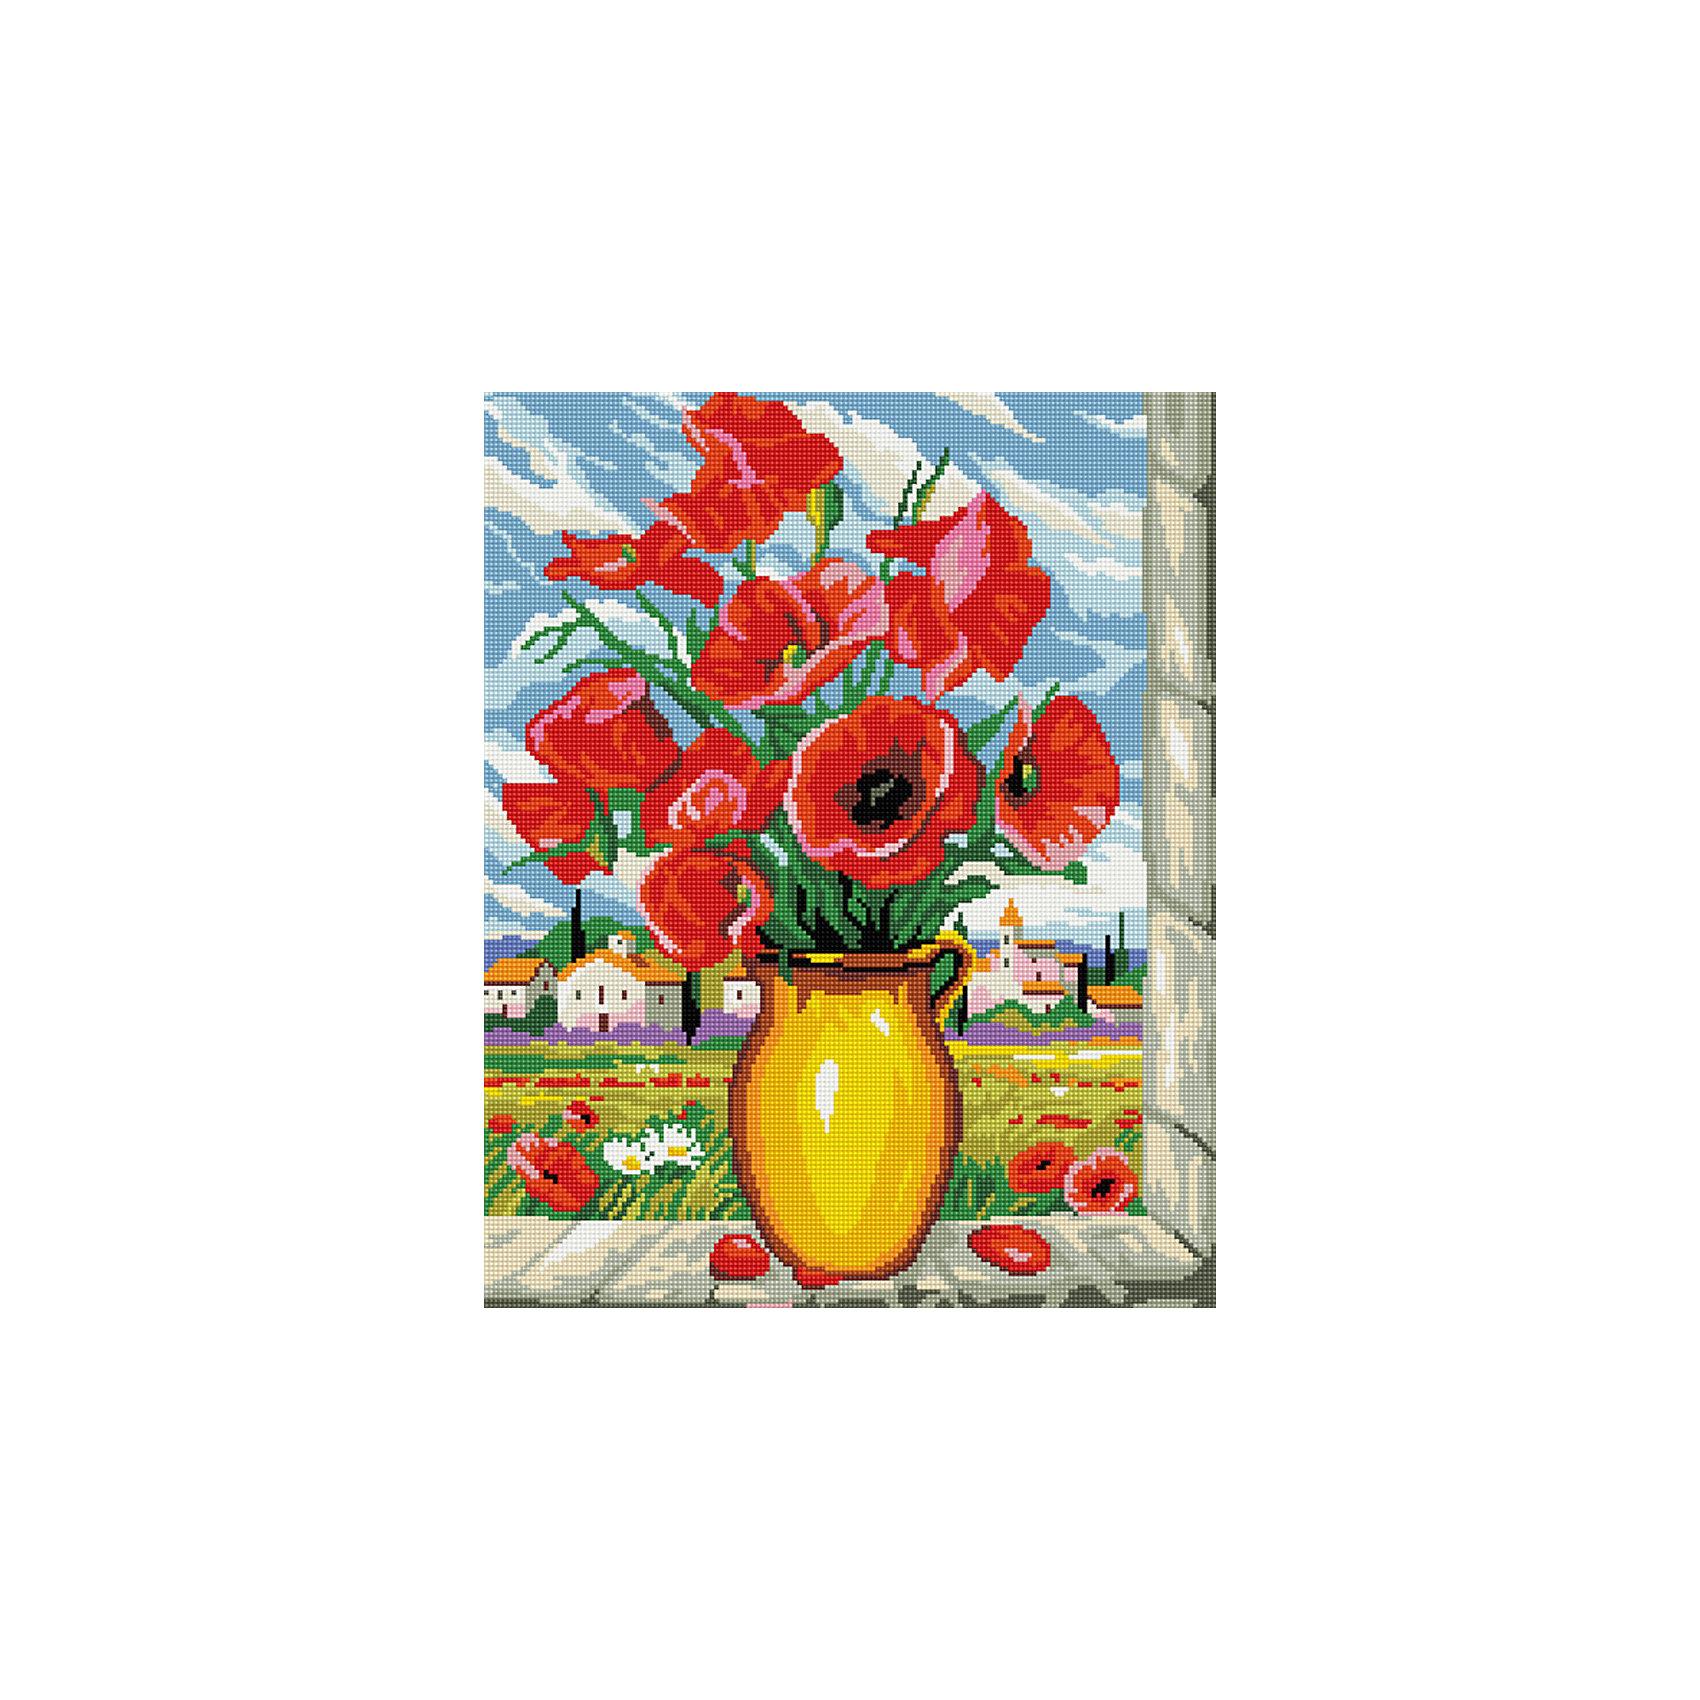 Алмазная мозаика Маки на окне 40*50 смХарактеристики:<br><br>• Предназначение: для занятий творчеством в технике алмазной живописи<br>• Тематика: Цветы<br>• Пол: для девочек<br>• Уровень сложности: средний<br>• Материал: дерево, бумага, акрил, пластик<br>• Цвет: красный, зеленый, черный, желтый, белый, голубой и др.<br>• Количество цветов: 29<br>• Комплектация: холст на подрамнике, стразы, пинцет, карандаш для камней, клей, лоток для камней, инструкция<br>• Размеры (Ш*Д): 40*50 см<br>• Тип выкладки камней: сплошное заполнение рисунка<br>• Стразы квадратной формы <br>• Вес: 900 г <br>• Упаковка: картонная коробка<br><br>Алмазная мозаика Маки на окне 40*50 см – это набор для создания картины в технике алмазной живописи. Набор для творчества включает в себя холст, на который нанесена схема рисунка, комплекта разноцветных страз квадратной формы, подрамника и инструментов для выкладки узора. Все использованные в наборе материалы экологичные и нетоксичные. Картина выполняется в технике сплошного заполнения декоративными элементами поверхности холста, что обеспечивает высокую реалистичность рисунка. На схеме изображены крупные красные маки. <br>Готовые наборы для алмазной мозаики – это оптимальный вариант для любителей рукоделия, так как в них предусмотрены все материалы в требуемом для изготовления картины количестве. Занятия алмазной живописью позволят развивать навыки чтения схем, выполнения заданий по образцу, будут способствовать внимательности, терпению и развитию мелкой моторики. <br>Наборы алмазной мозаики могут быть преподнесены в качестве подарка не только девочкам, но и взрослым любительницам рукоделия.<br><br>Алмазную мозаику Маки на окне 40*50 см можно купить в нашем интернет-магазине.<br><br>Ширина мм: 420<br>Глубина мм: 520<br>Высота мм: 50<br>Вес г: 900<br>Возраст от месяцев: 96<br>Возраст до месяцев: 2147483647<br>Пол: Женский<br>Возраст: Детский<br>SKU: 5217128